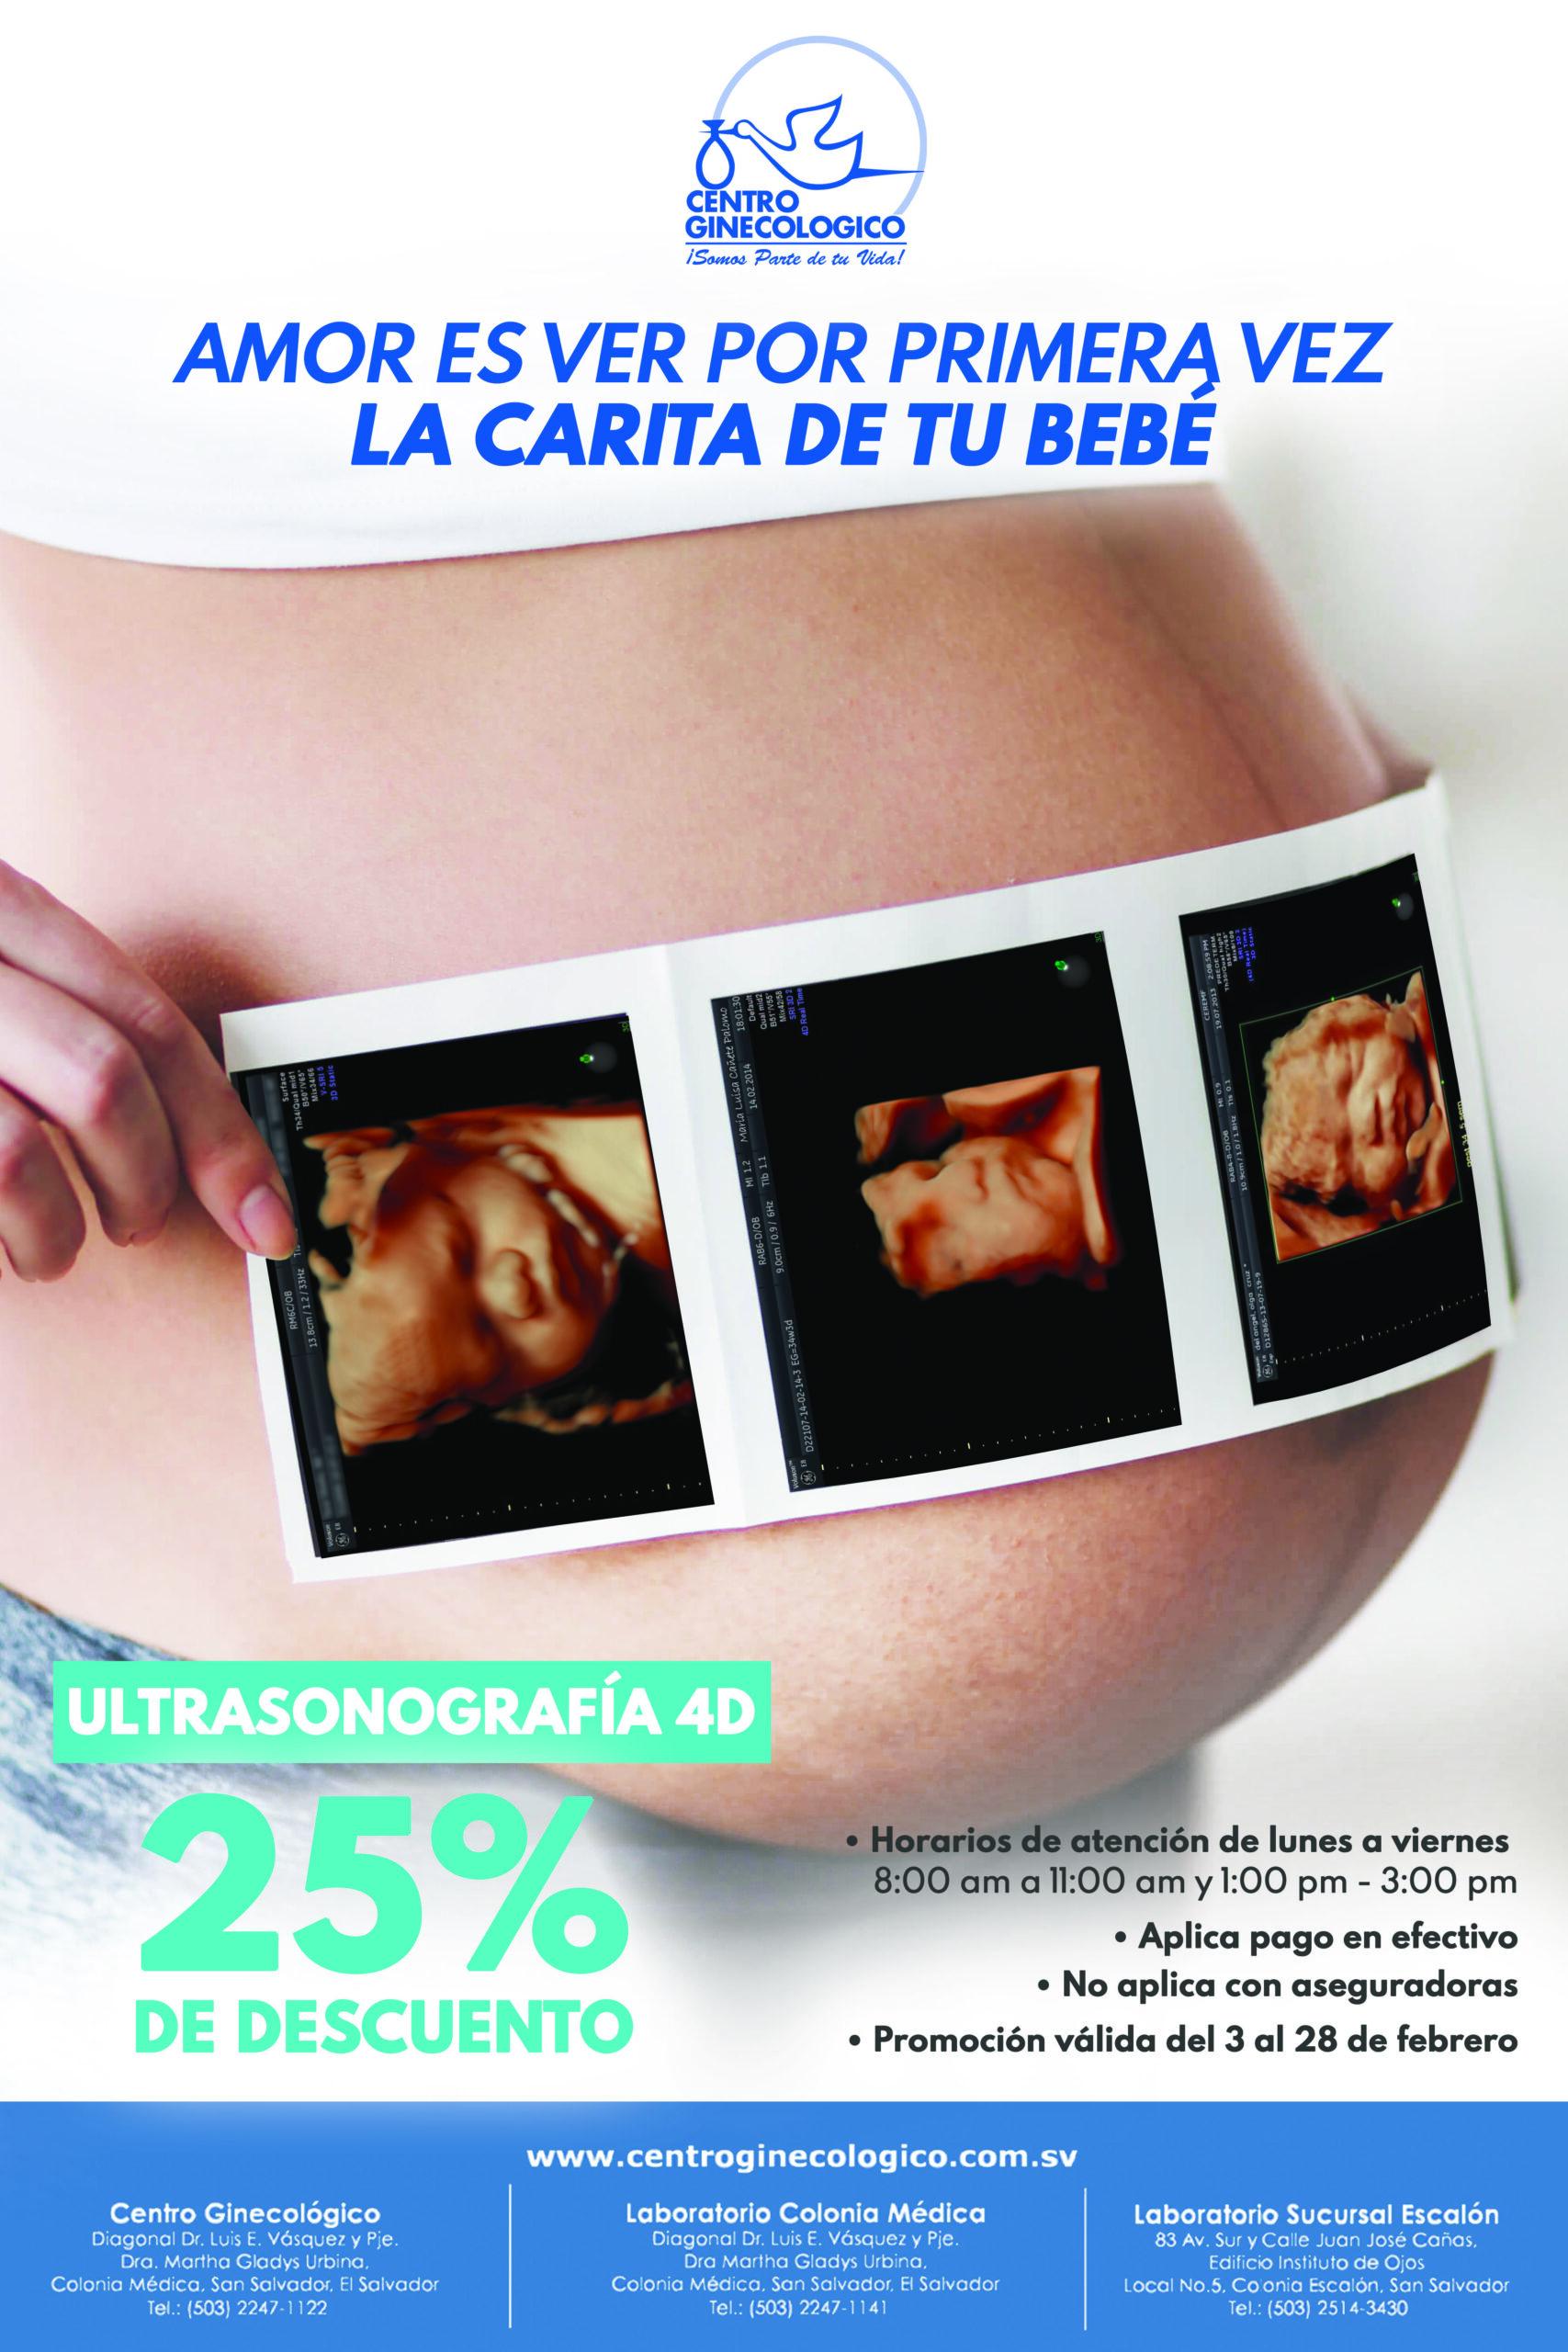 ULTRASONOGRAFIA 4D CON EL 25% DE DESCUENTO